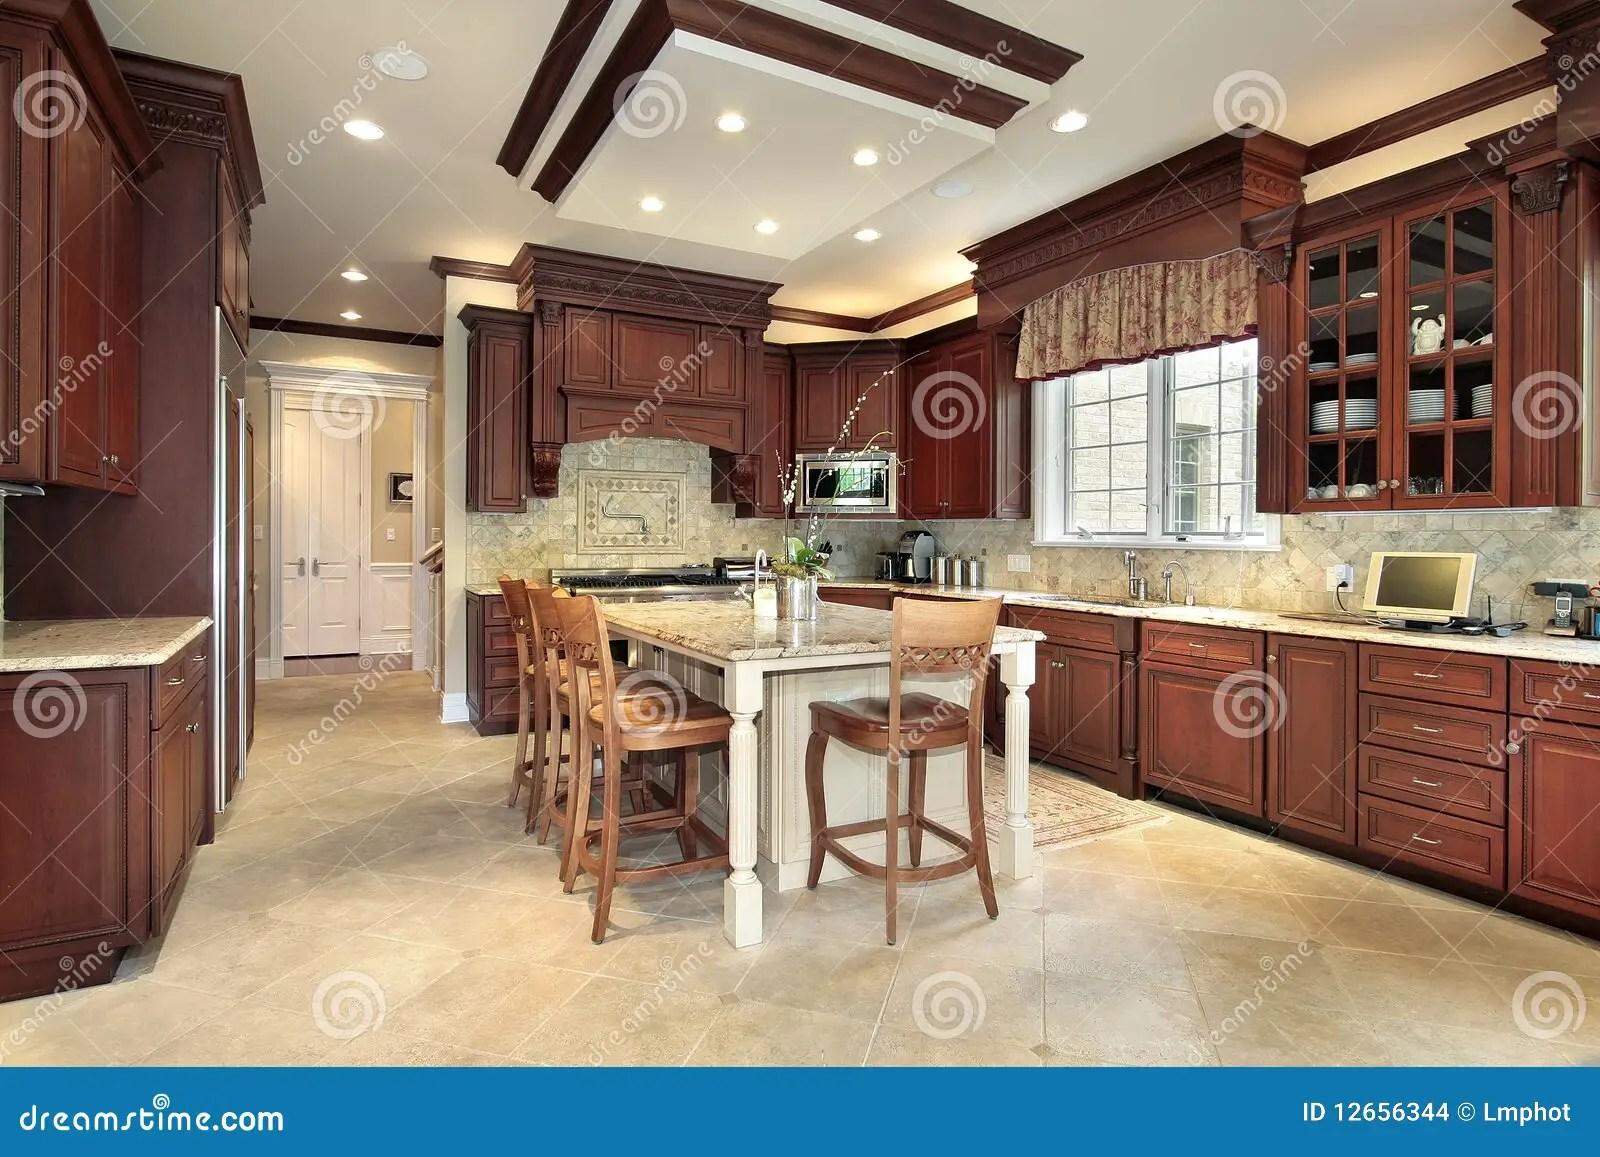 large kitchen rug cabinets menards 厨房大木头库存照片 图片包括有装饰 实际 设计 椅子 住宅 夹具 厨房大木头